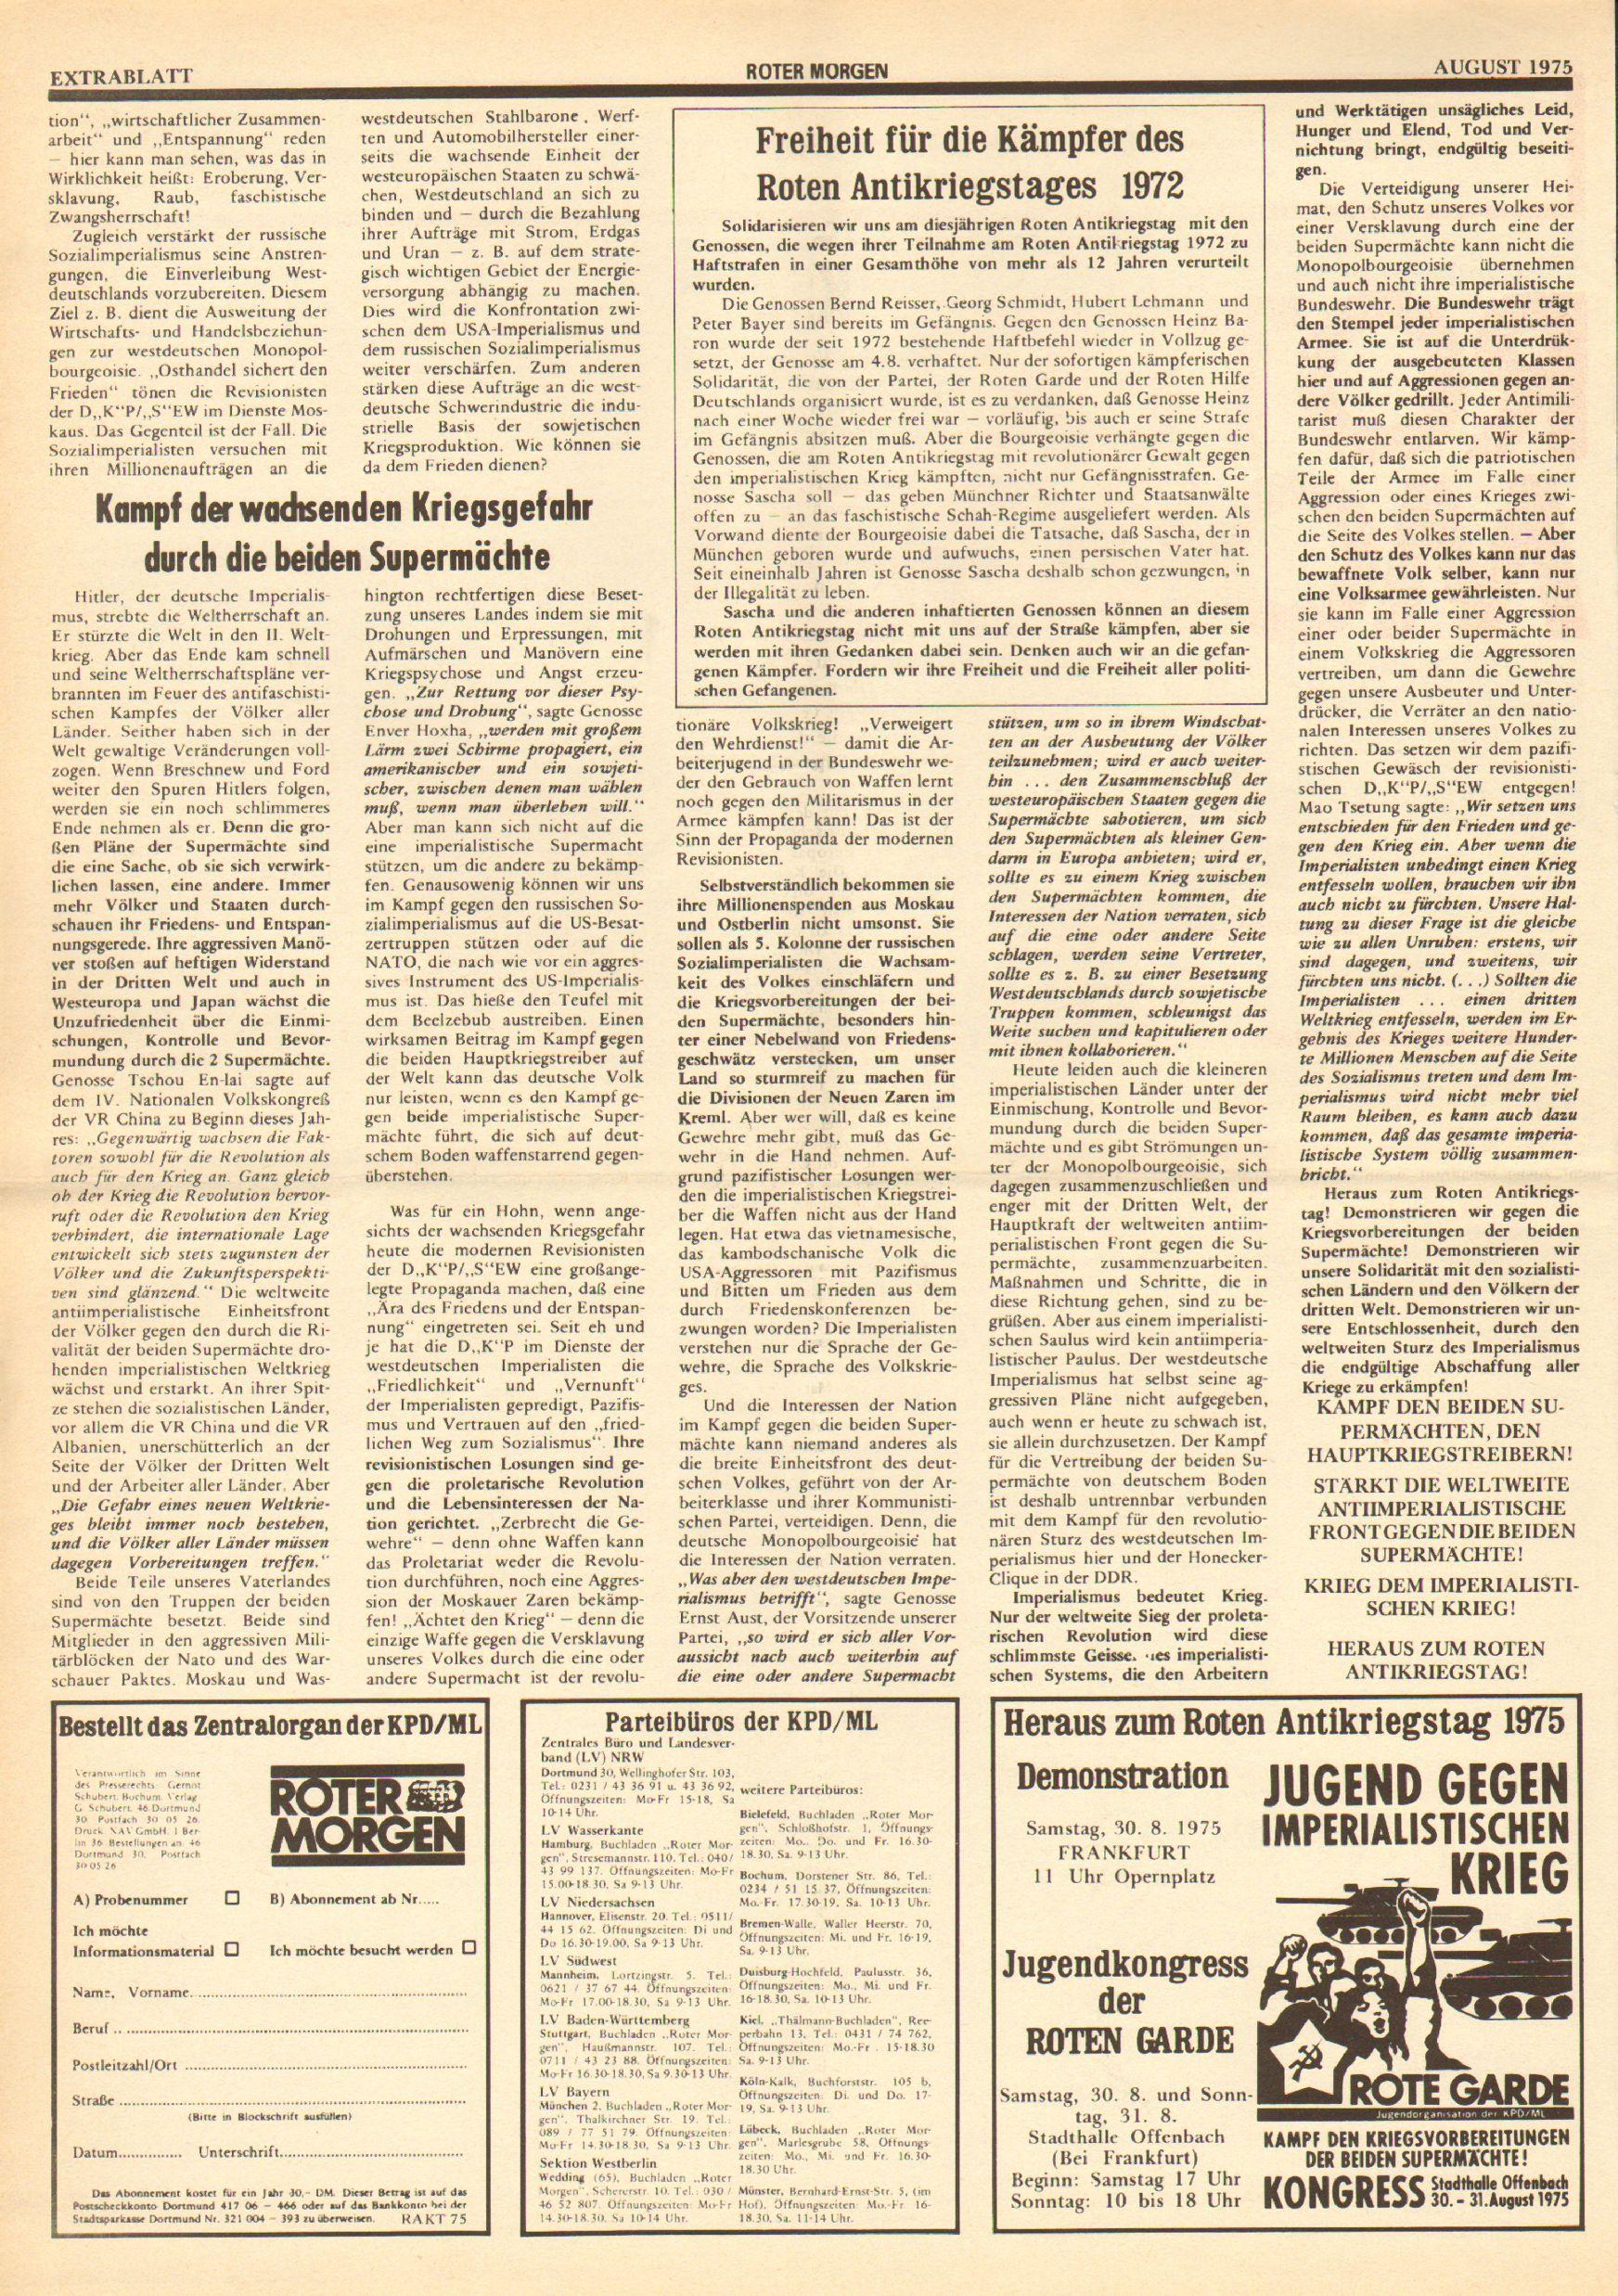 Roter Morgen, 9. Jg., August 1975, Extrablatt zum Antikriegstag, Seite 2